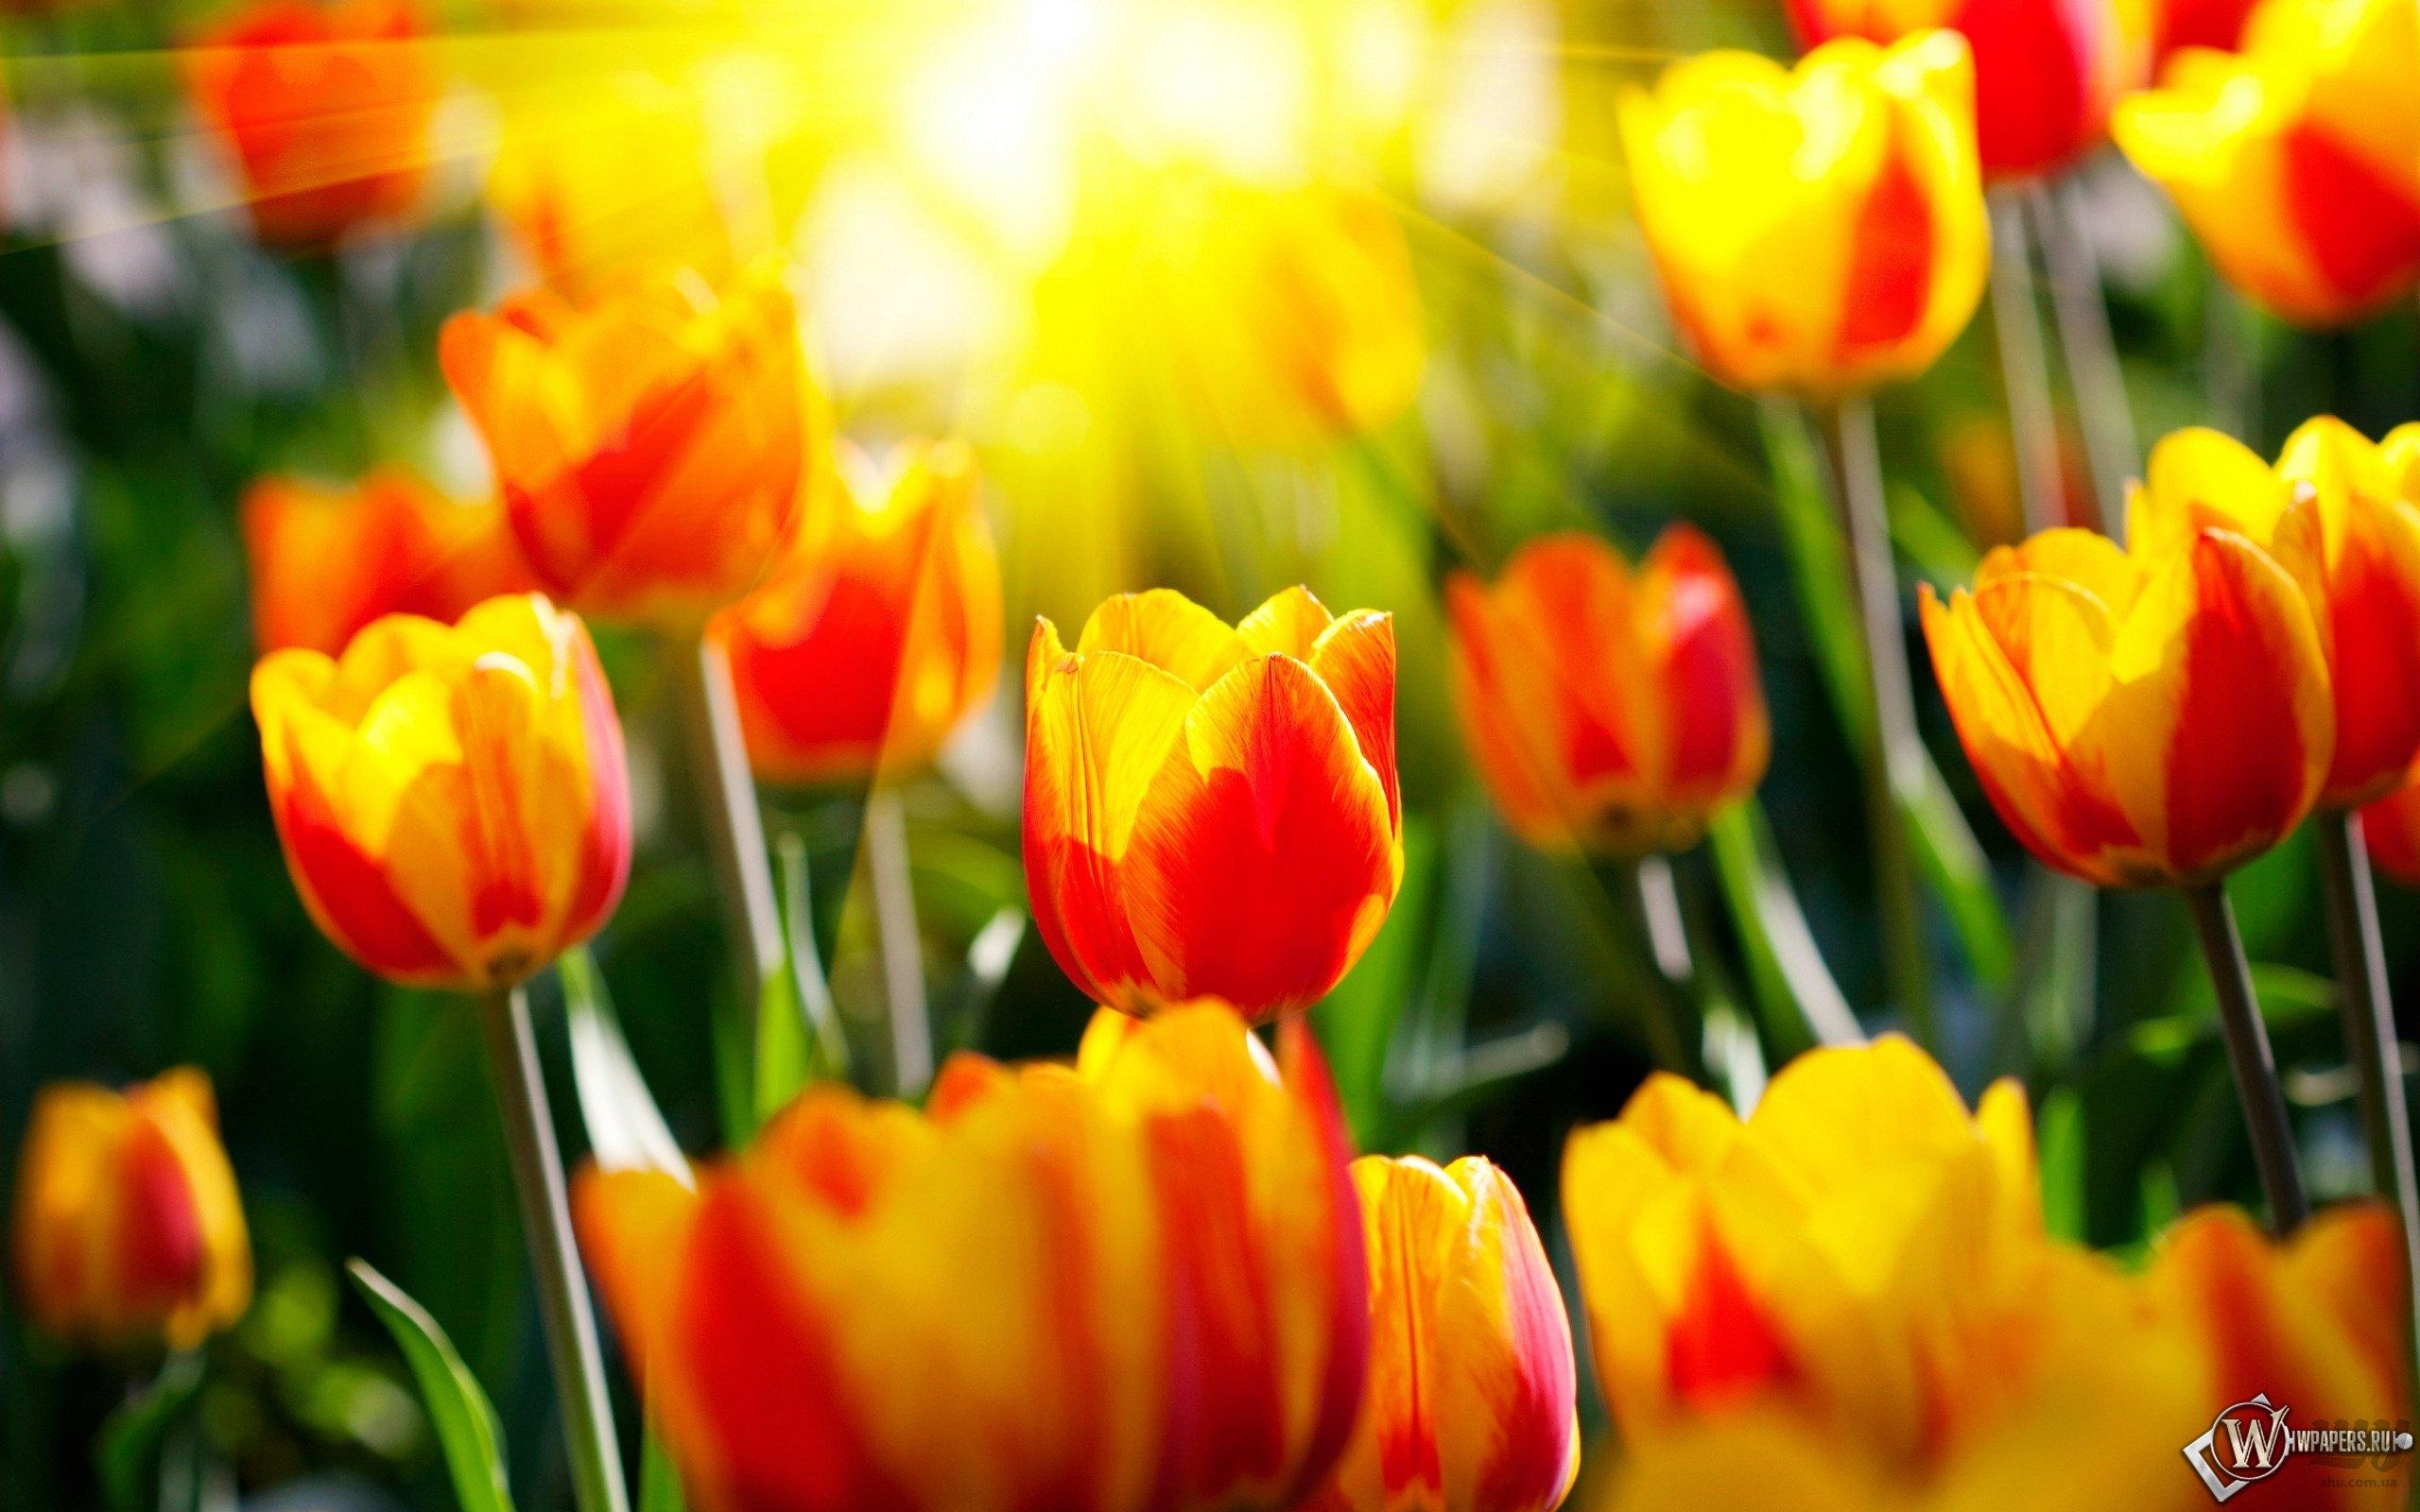 wpapers_ru_Весенние-тюльпаны.jpg